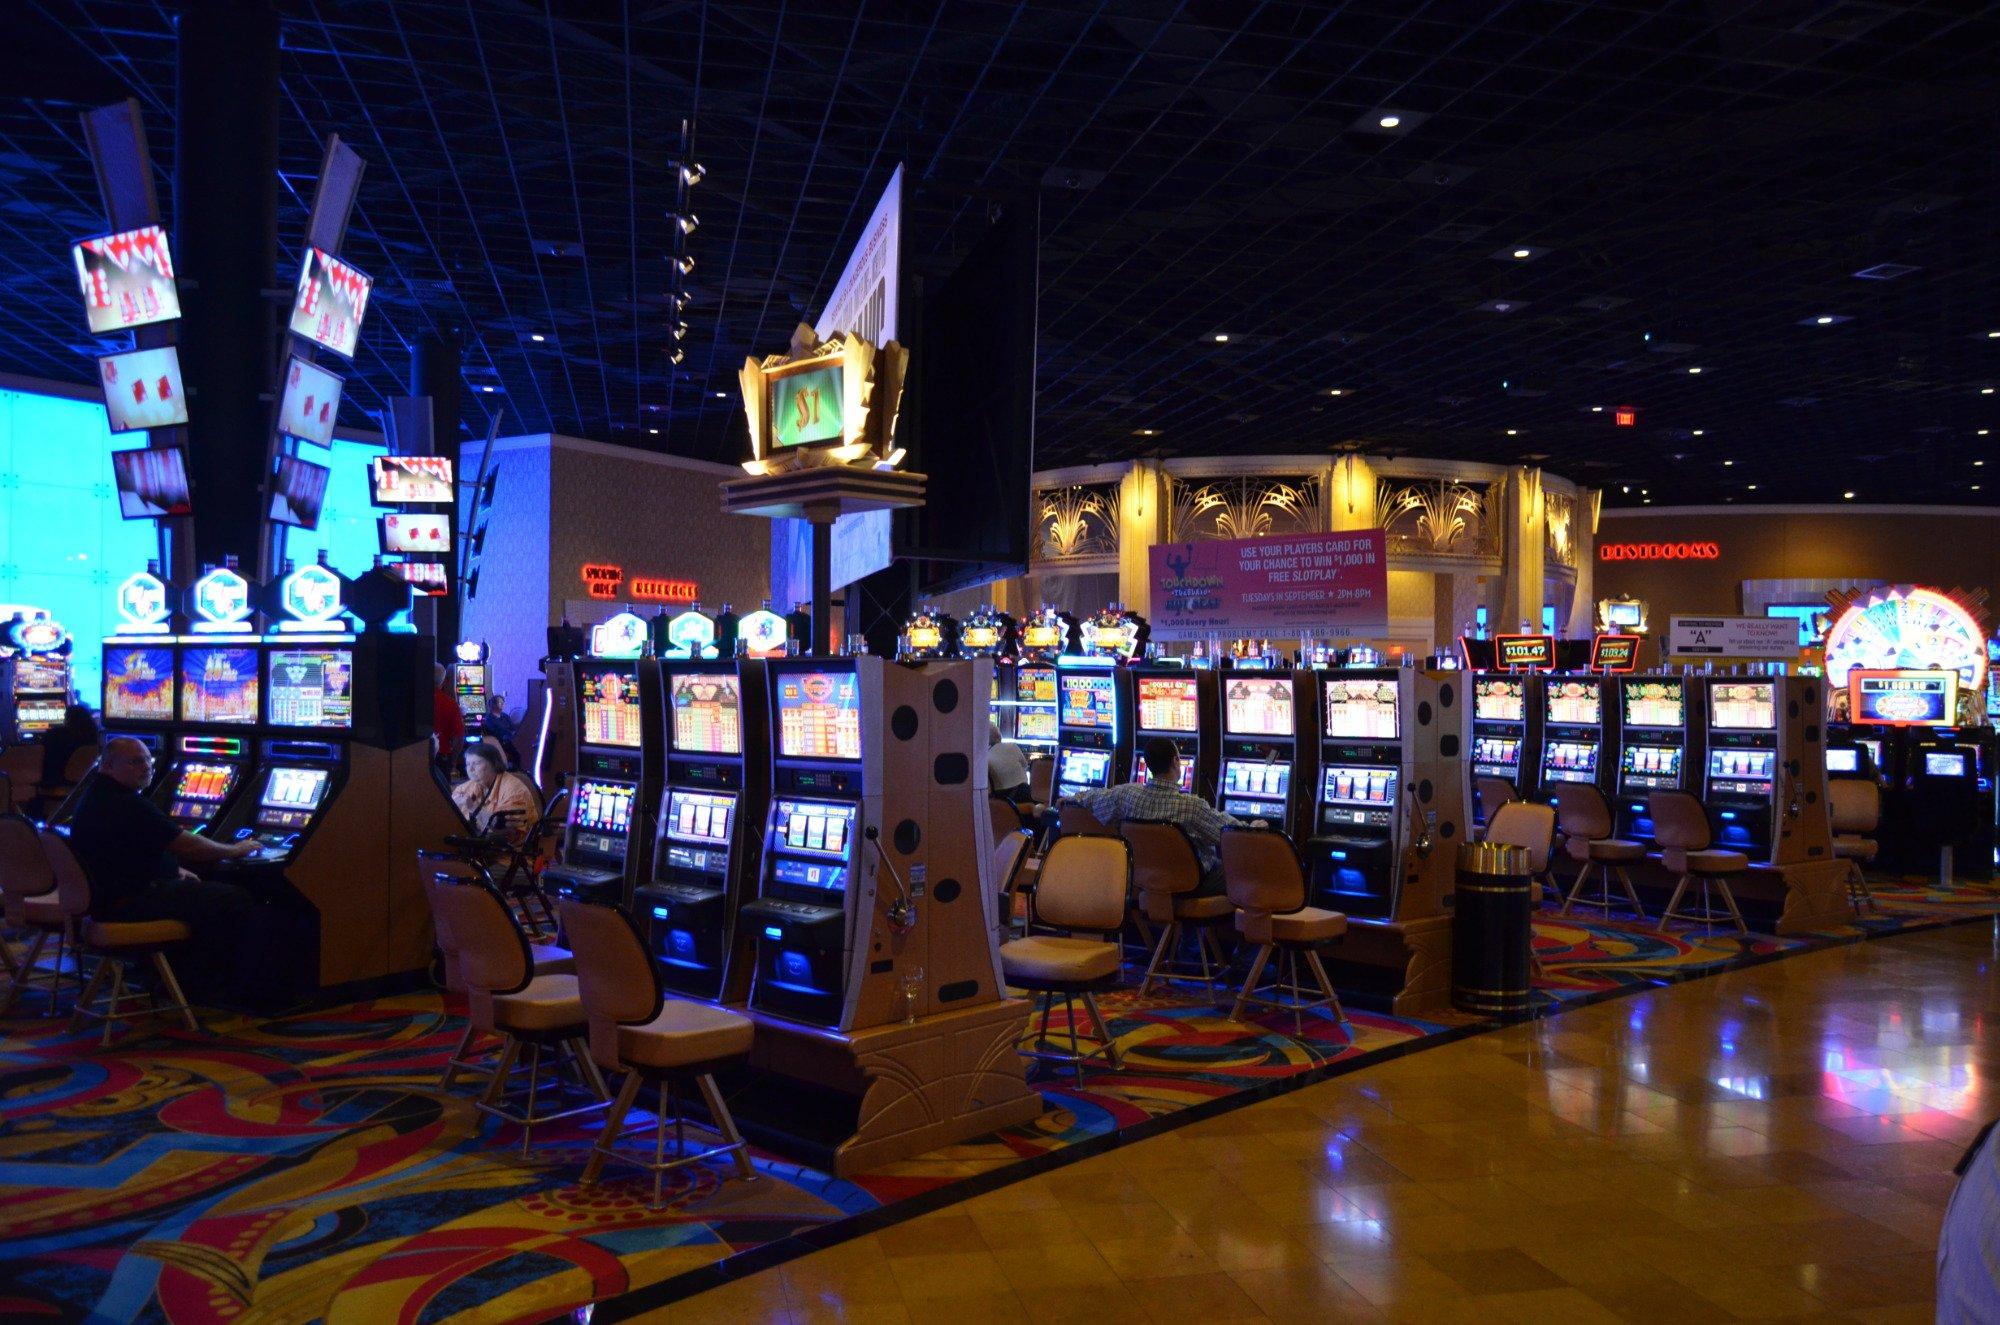 Toledo ohio casino hotel